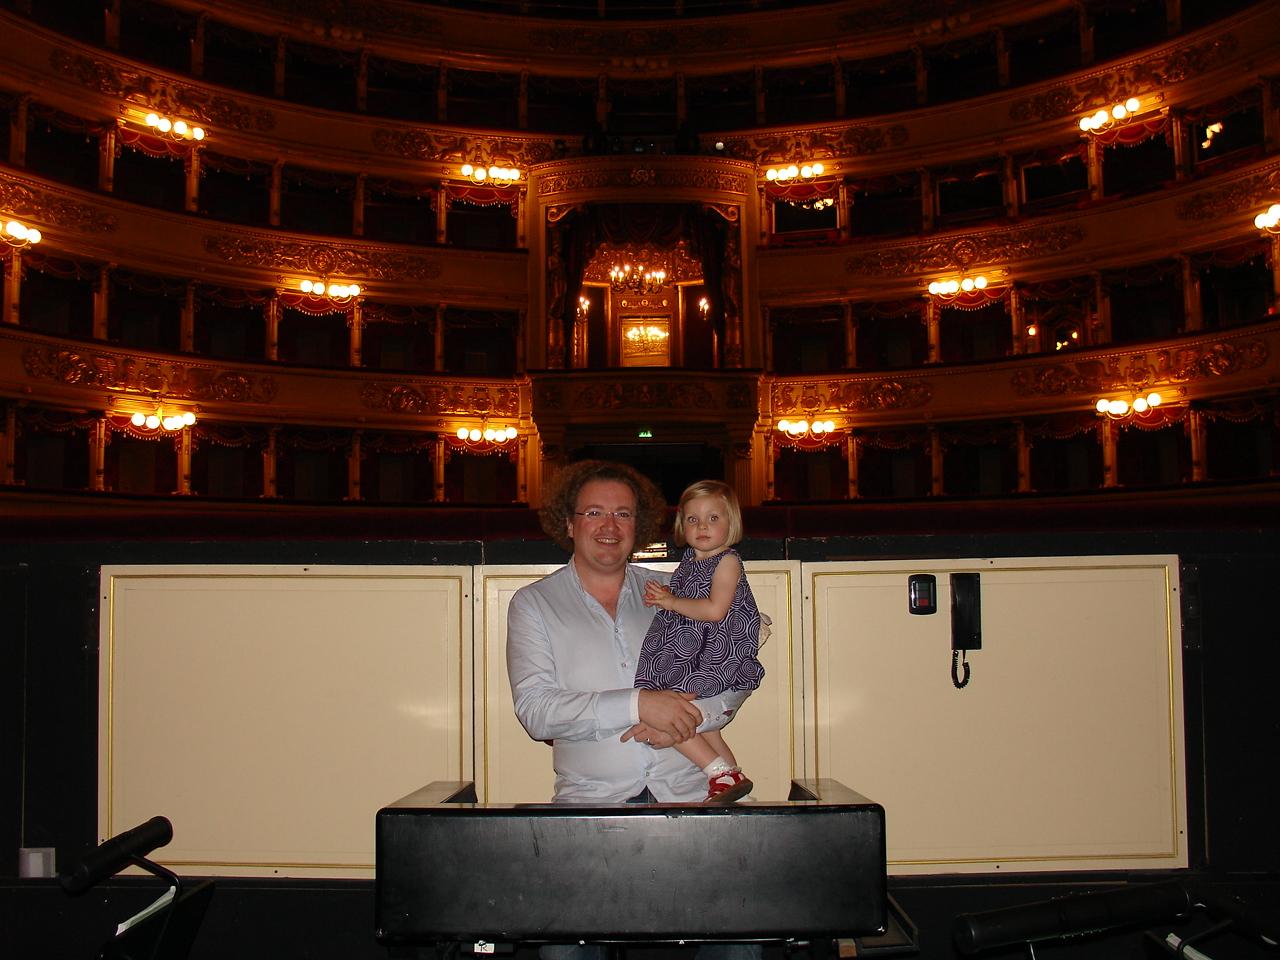 La Scala Pit